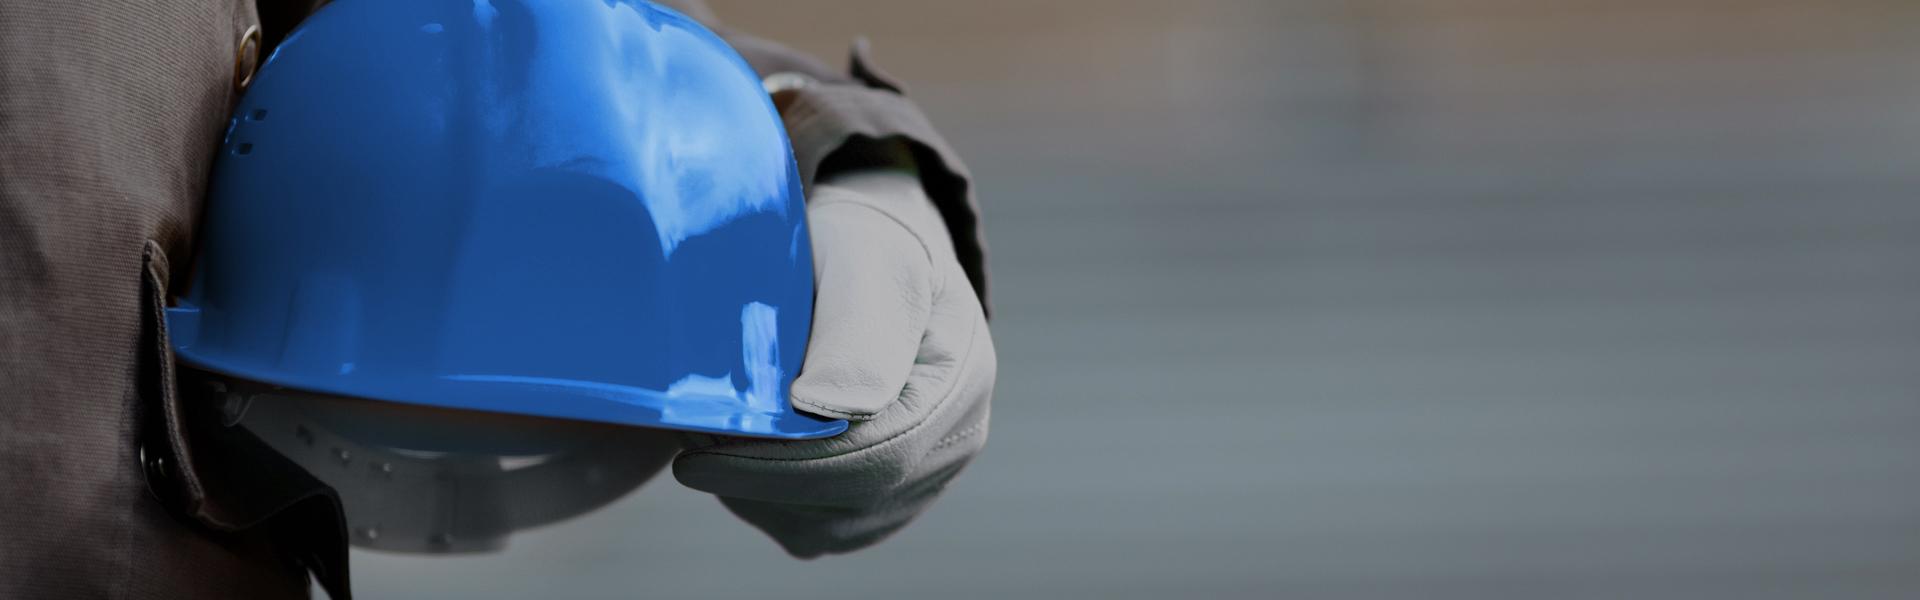 musmanndirect Anlagenbau Tankreinigung & Tankschutz